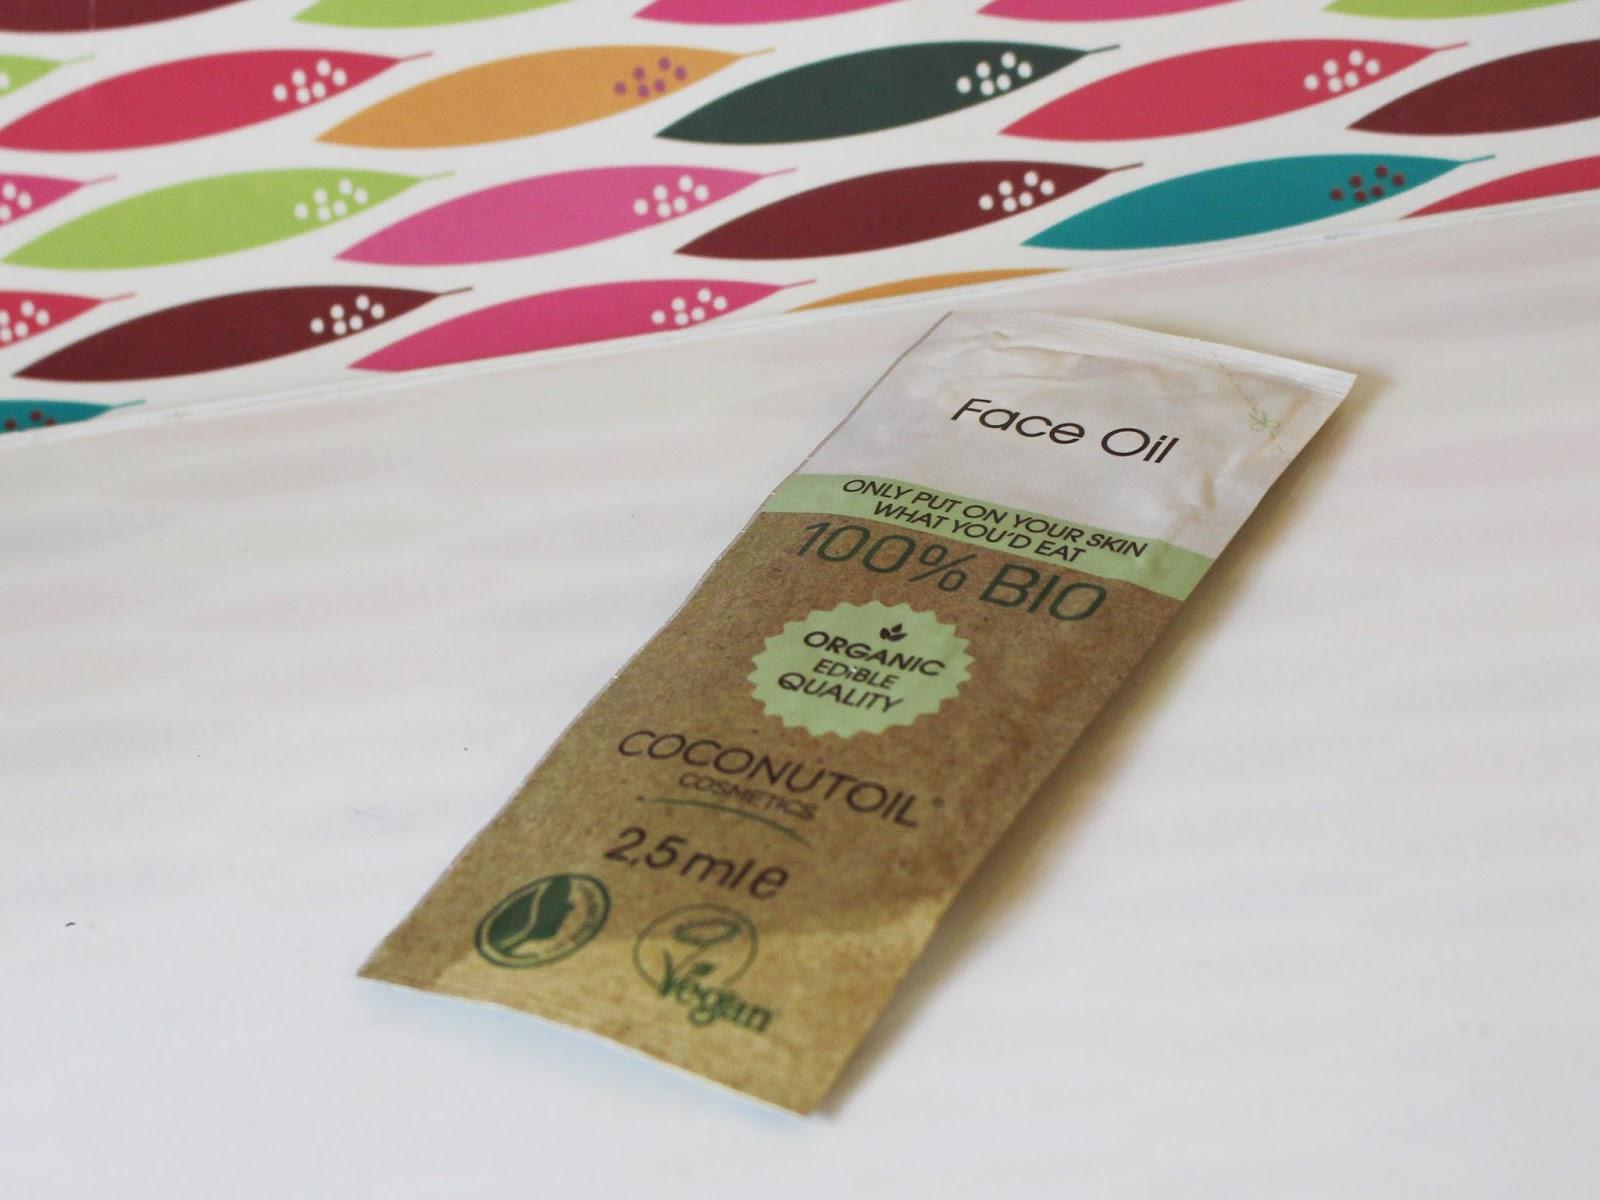 Coconutoil Cosmetics arcolaj